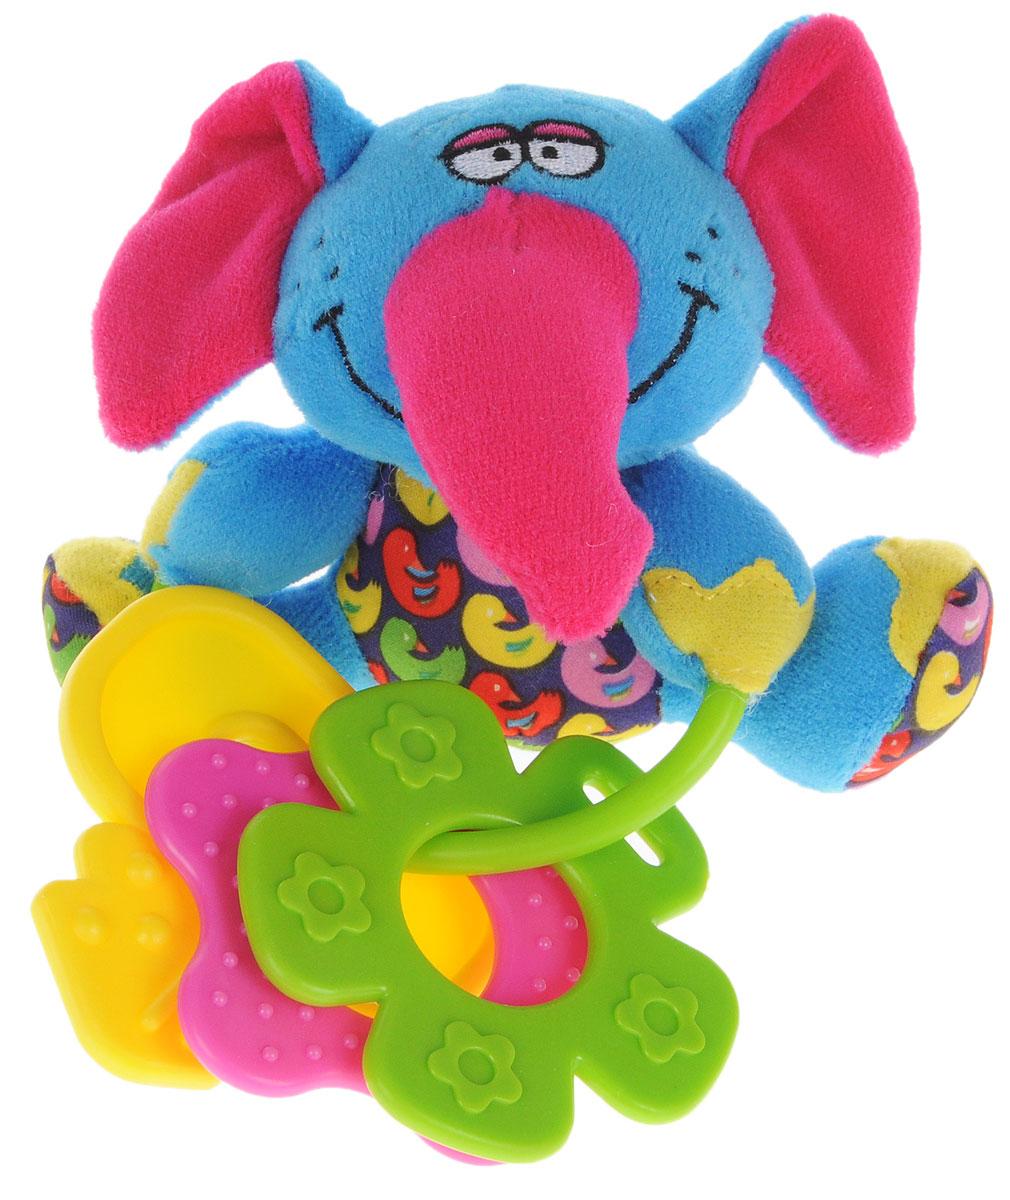 Bondibon Мягкая игрушка-погремушка Слон с прорезывателямиВВ1296_слонМягкая игрушка-погремушка Слон не оставит вашего малыша равнодушным и не позволит ему скучать. Игрушка выполнена из высококачественных текстильных материалов и мягкого наполнителя. Внутри ушек спрятаны шуршащие элементы. Игрушка дополнена пластиковым кольцом, на котором размещены три ярких прорезывателя. Рельефные прорезыватели выполнены из пластика разной жесткости и разных цветов. Яркая игрушка формирует тактильные ощущения, восприятие звуков, цветов и форм. В процессе игры развивается мелкая моторика и воображение вашего ребенка.